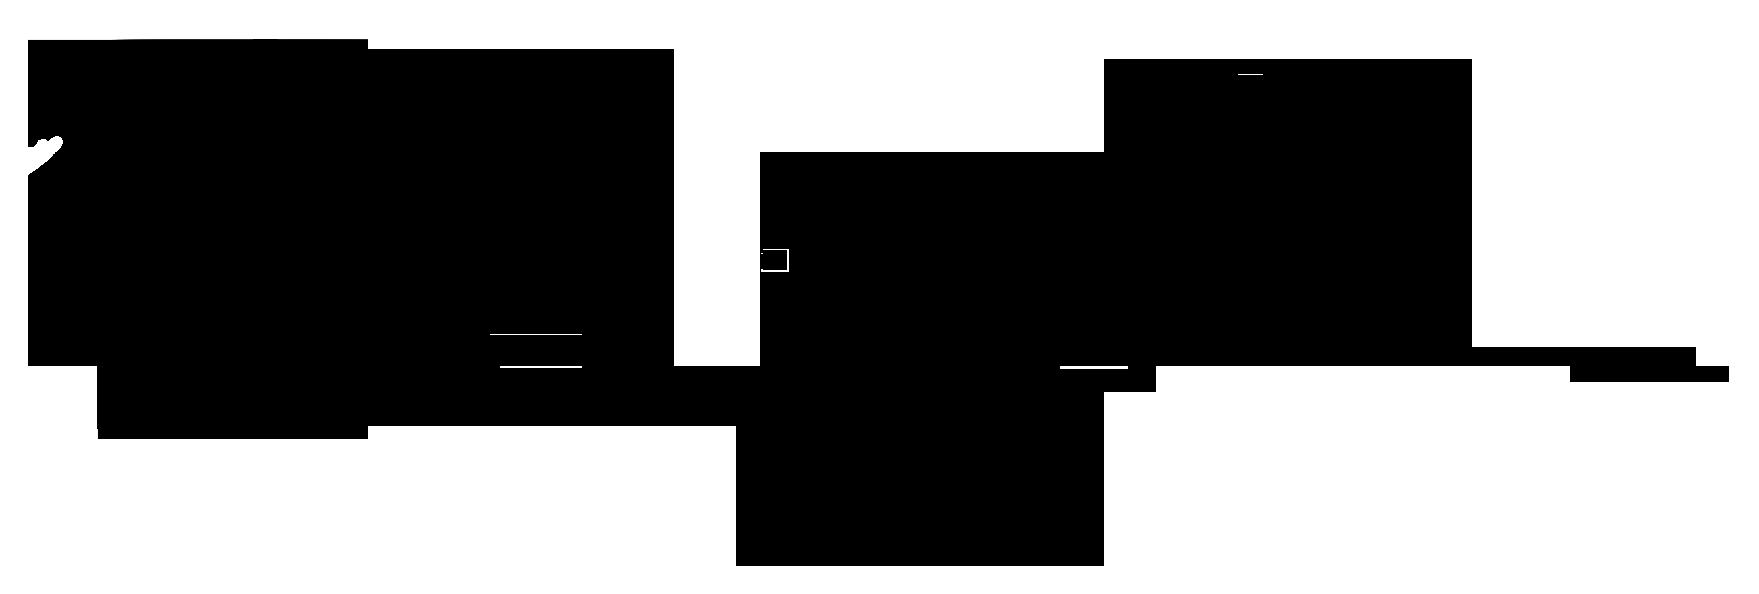 Phirun Roeun's Signature